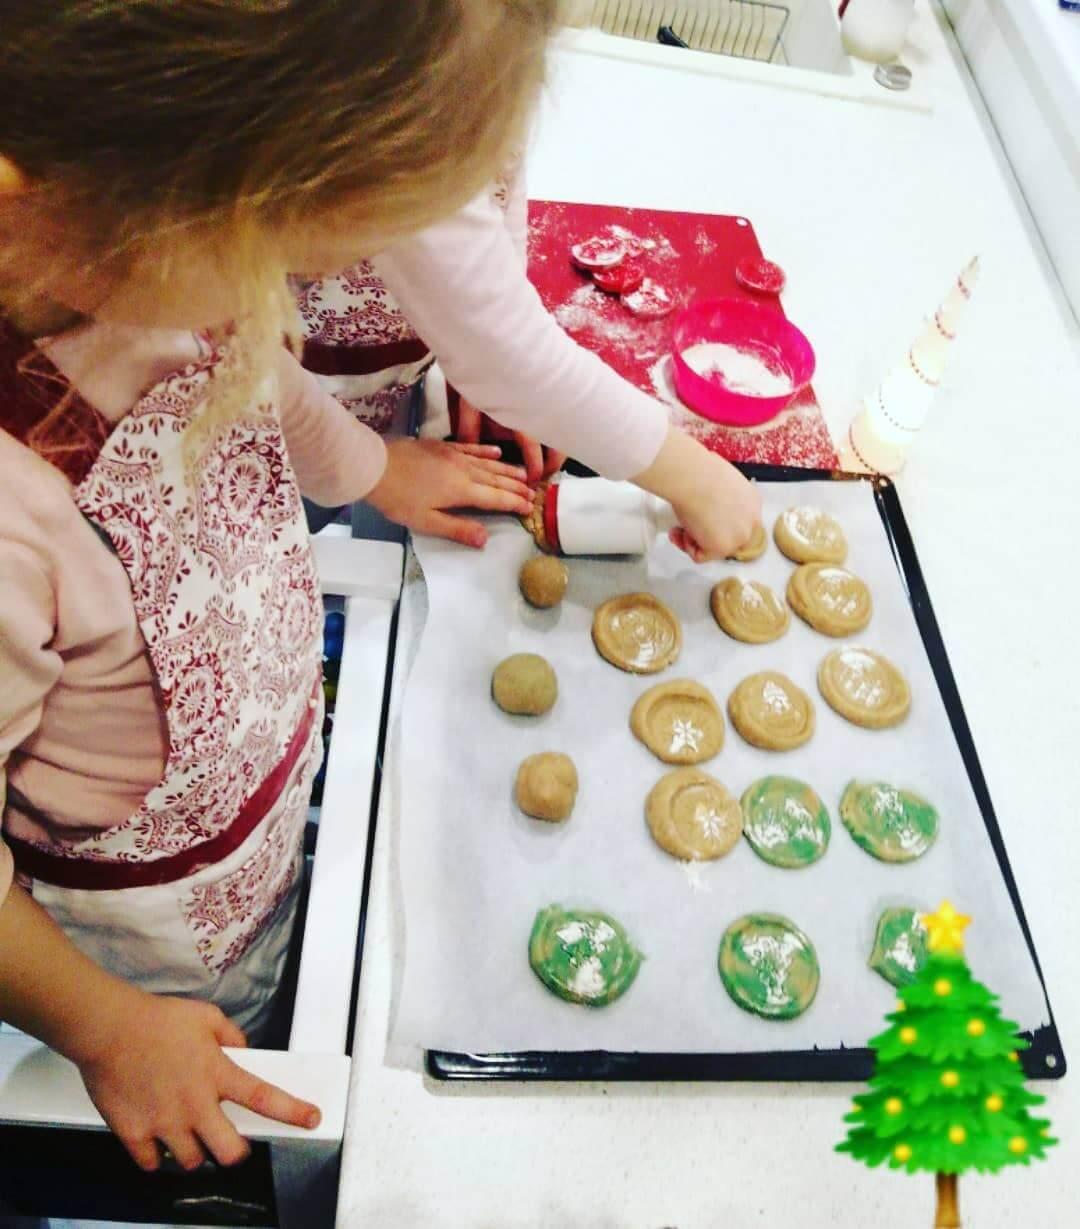 Vypekanie vianočných koláčikov